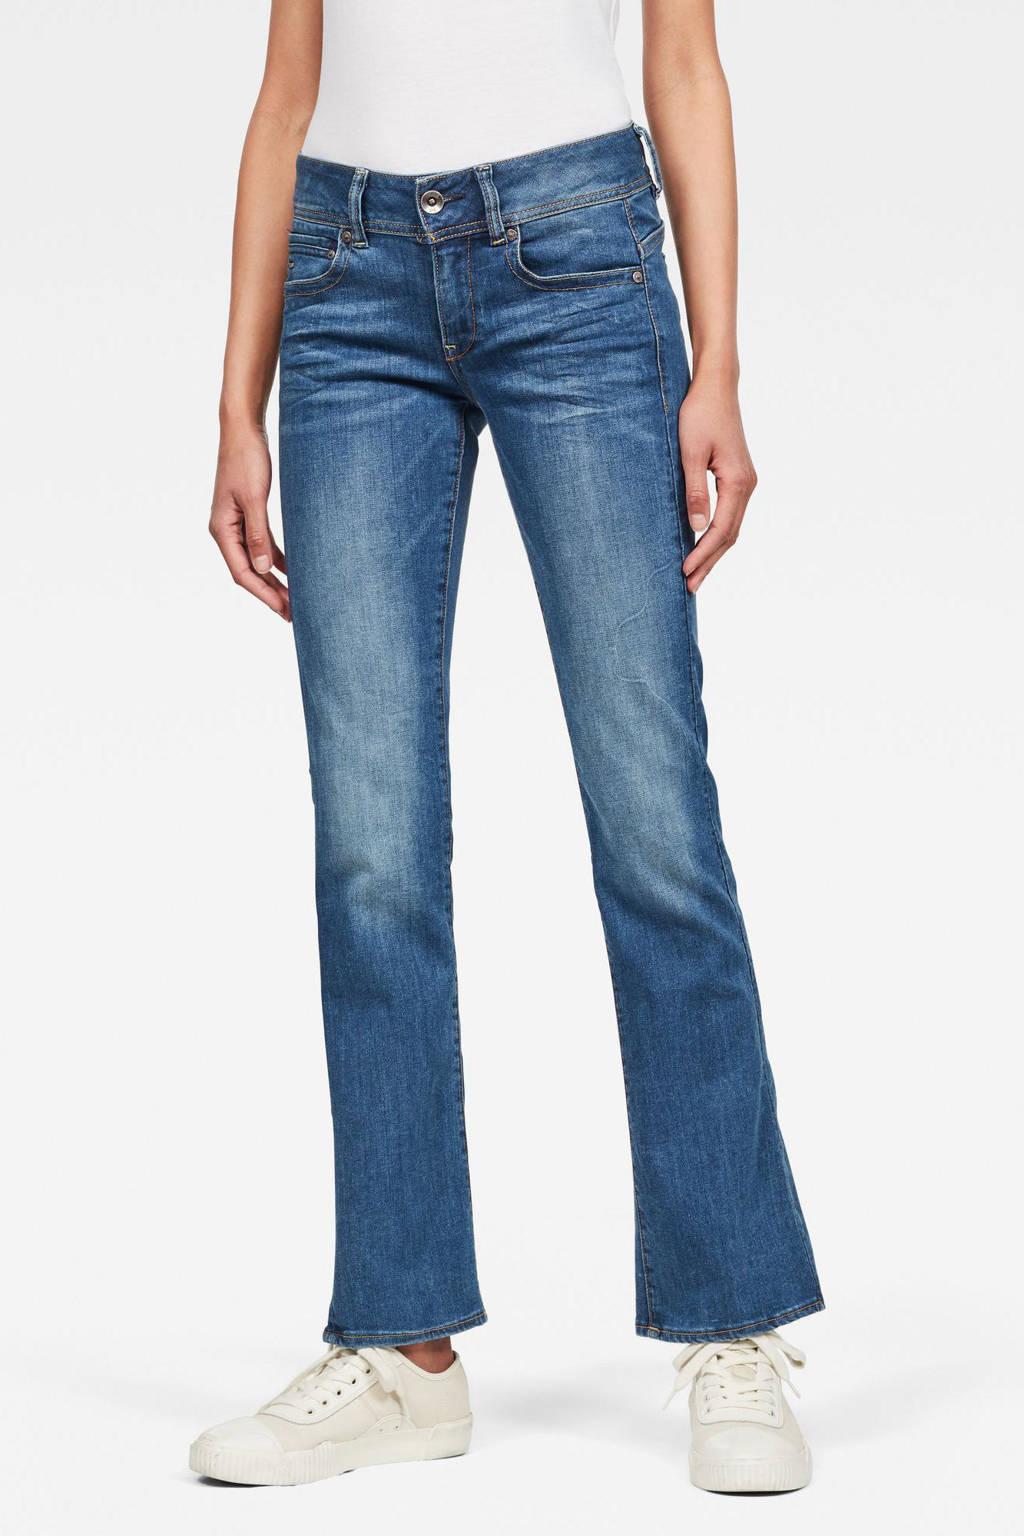 G-Star RAW Nuetro flared jeans blauw, Blauw